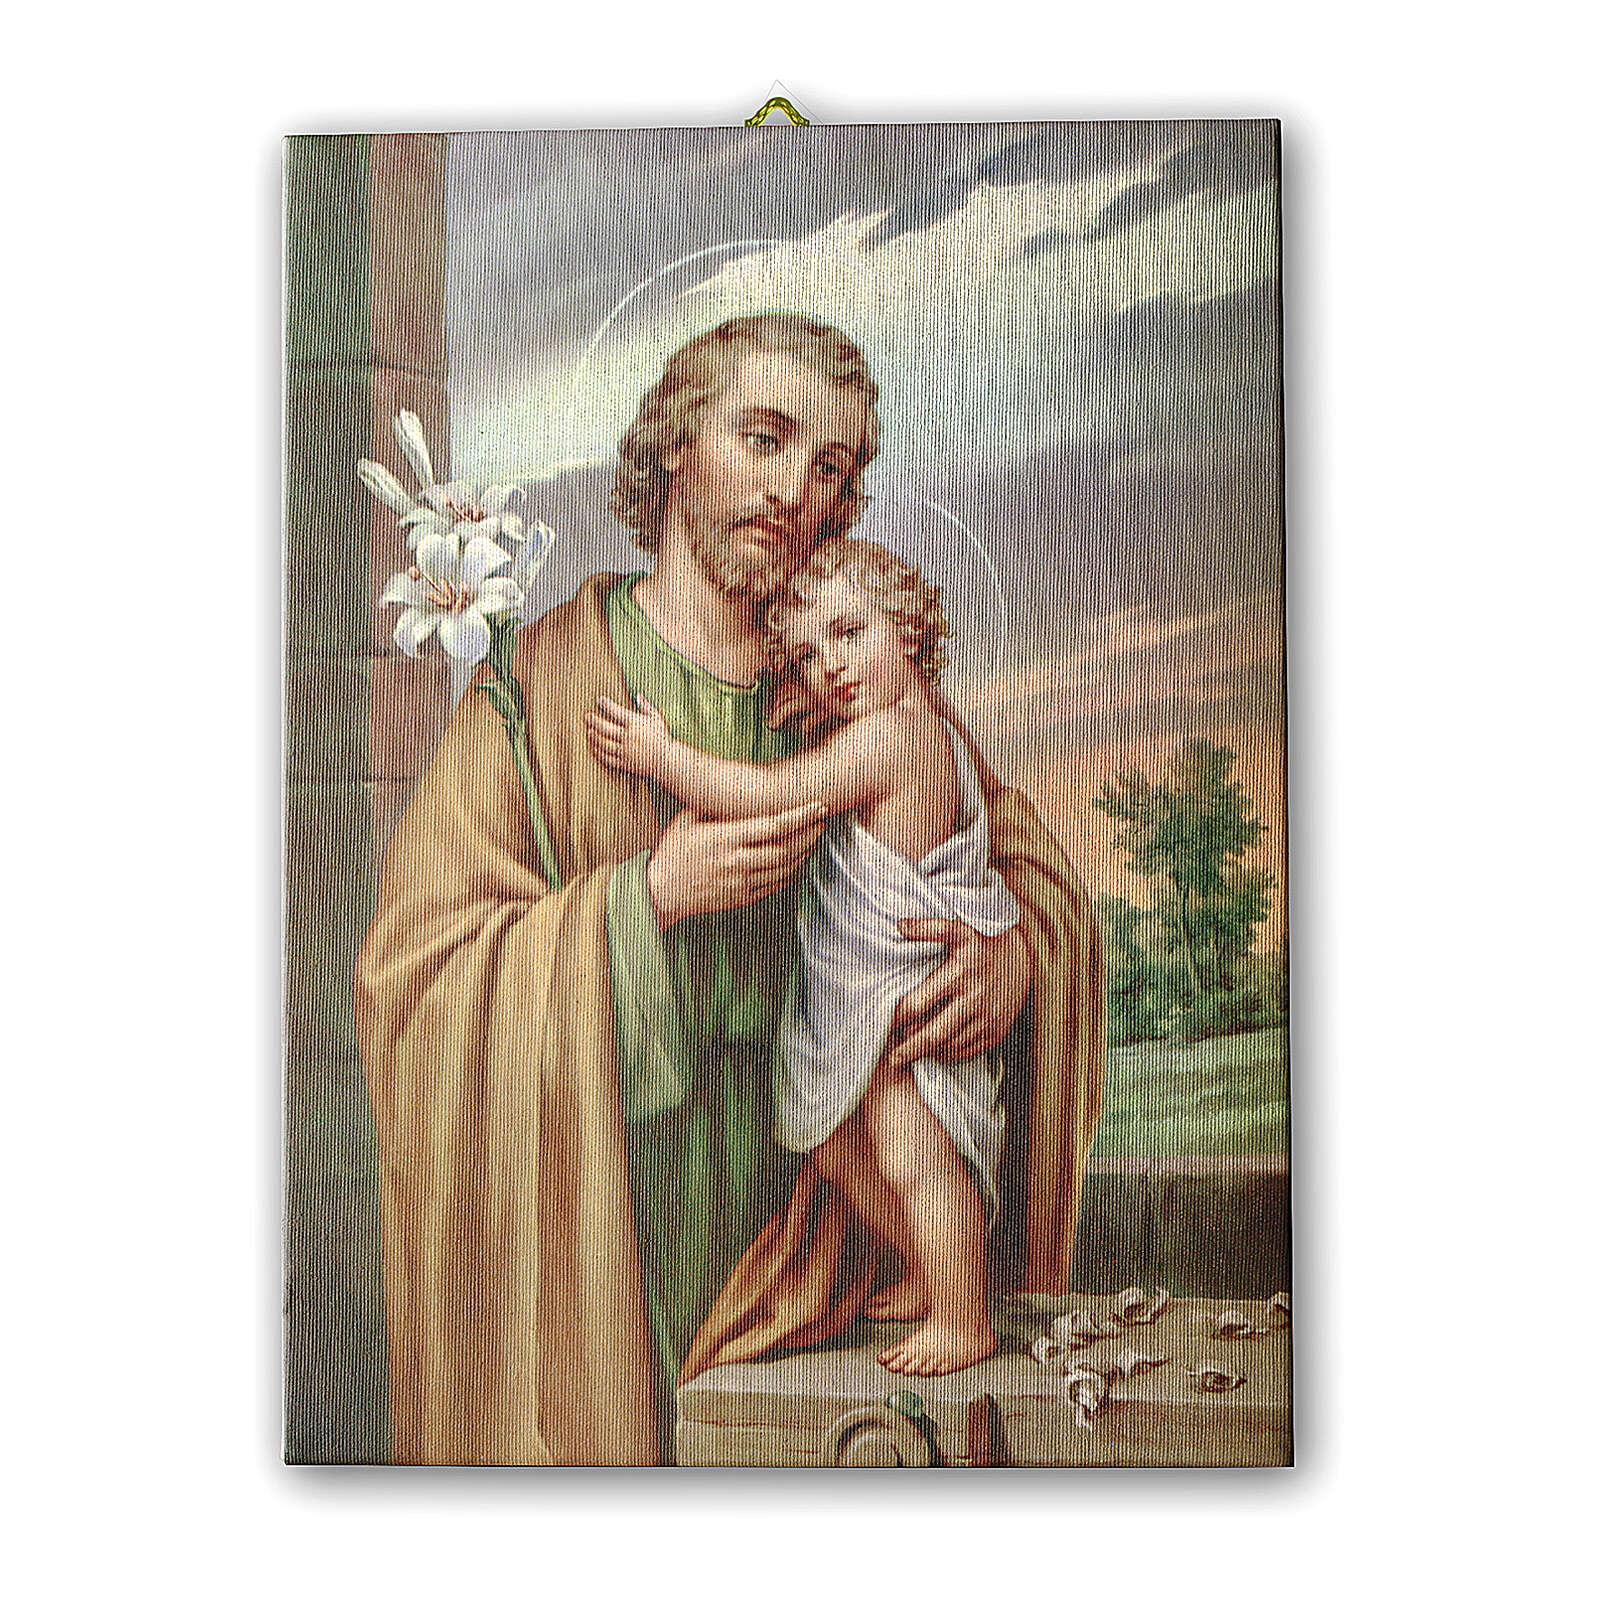 Bild auf Leinwand Heiliger Josef 70x50 cm 3